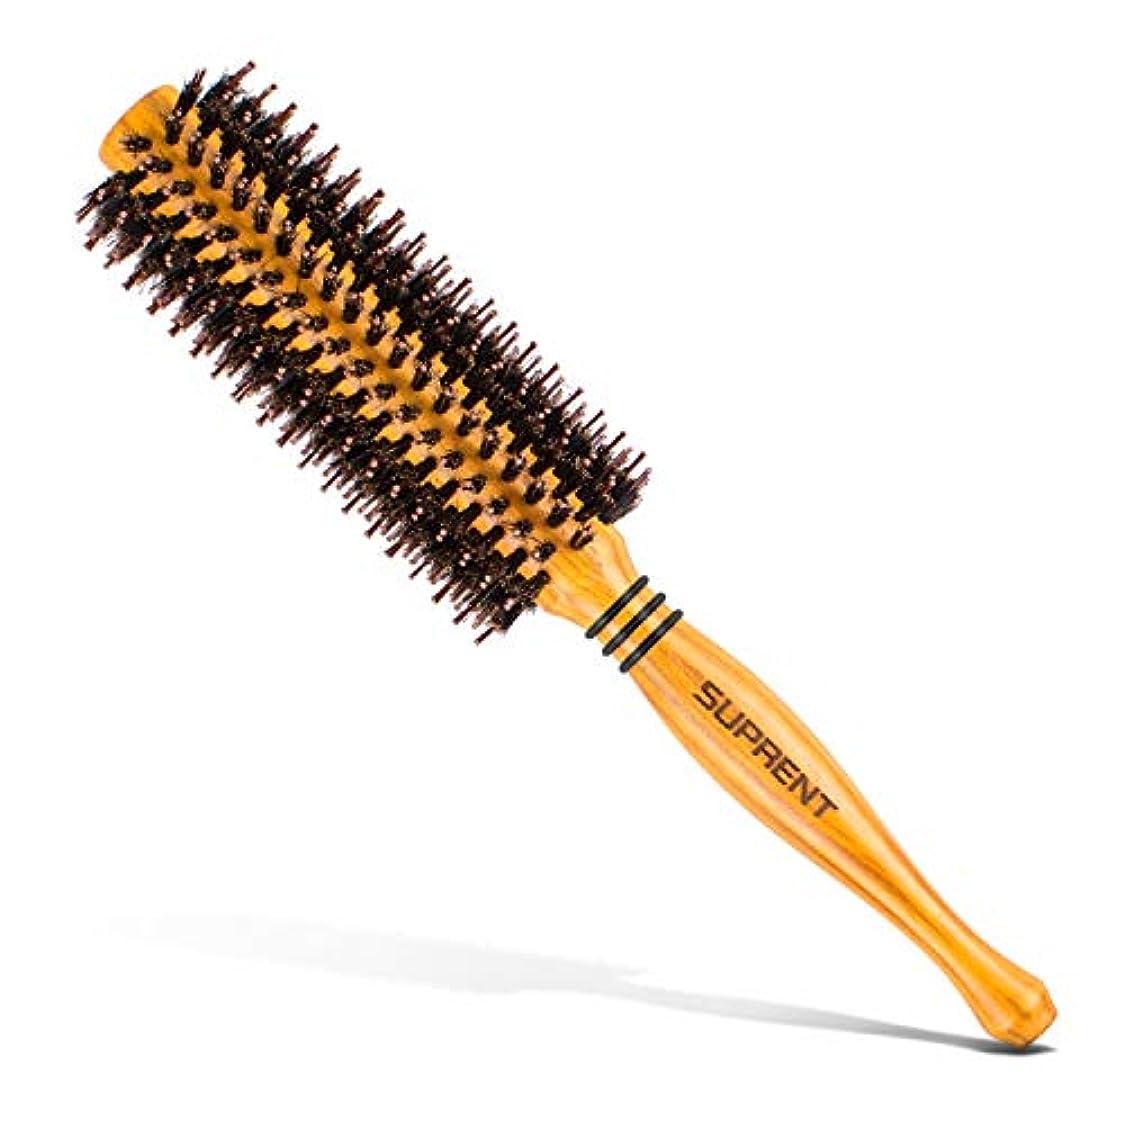 風邪をひく発表する明らかロールブラシ/ヘアブラシ豚毛カール 木製櫛 スタイリングブラシ 巻き髪 静電気防止